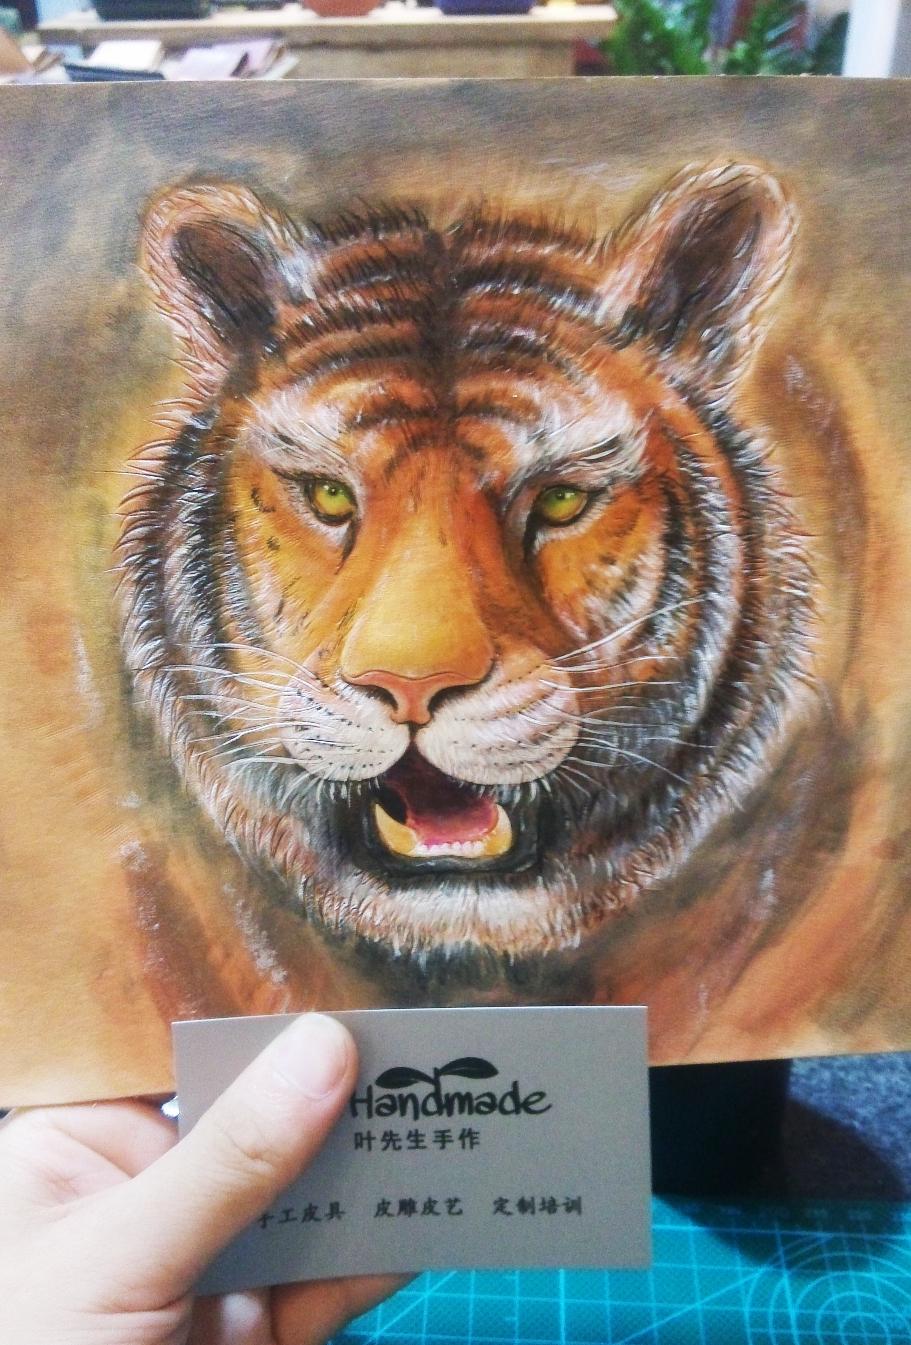 叶先生手作手工皮雕动物皮雕狮子皮雕老虎